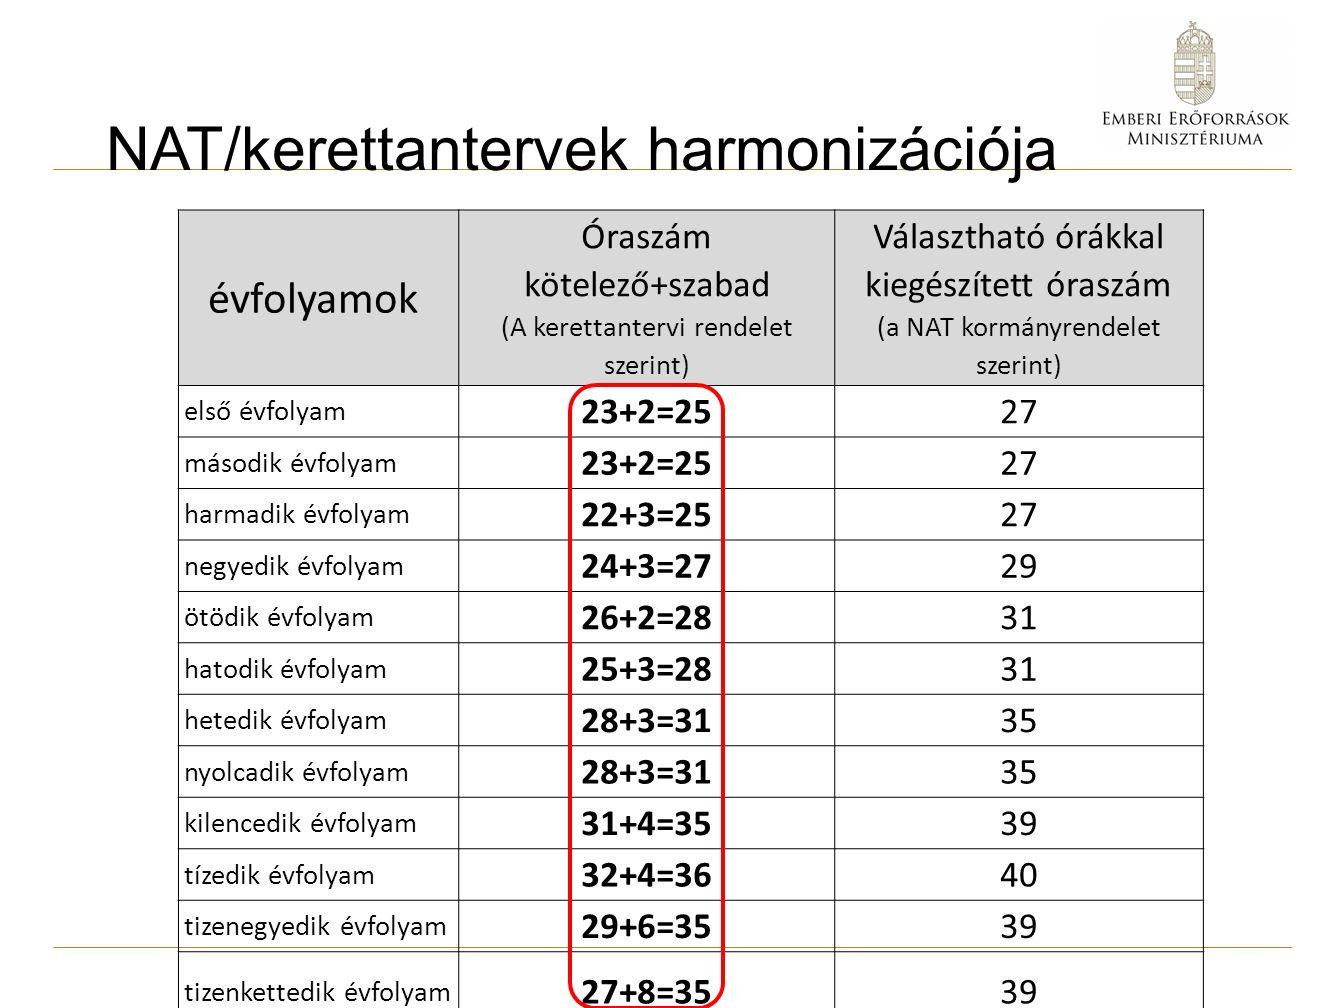 NAT/kerettantervek harmonizációja évfolyamok Óraszám kötelező+szabad (A kerettantervi rendelet szerint) Választható órákkal kiegészített óraszám (a NAT kormányrendelet szerint) első évfolyam 23+2=2527 második évfolyam 23+2=2527 harmadik évfolyam 22+3=2527 negyedik évfolyam 24+3=2729 ötödik évfolyam 26+2=2831 hatodik évfolyam 25+3=2831 hetedik évfolyam 28+3=3135 nyolcadik évfolyam 28+3=3135 kilencedik évfolyam 31+4=3539 tízedik évfolyam 32+4=3640 tizenegyedik évfolyam 29+6=3539 tizenkettedik évfolyam 27+8=3539